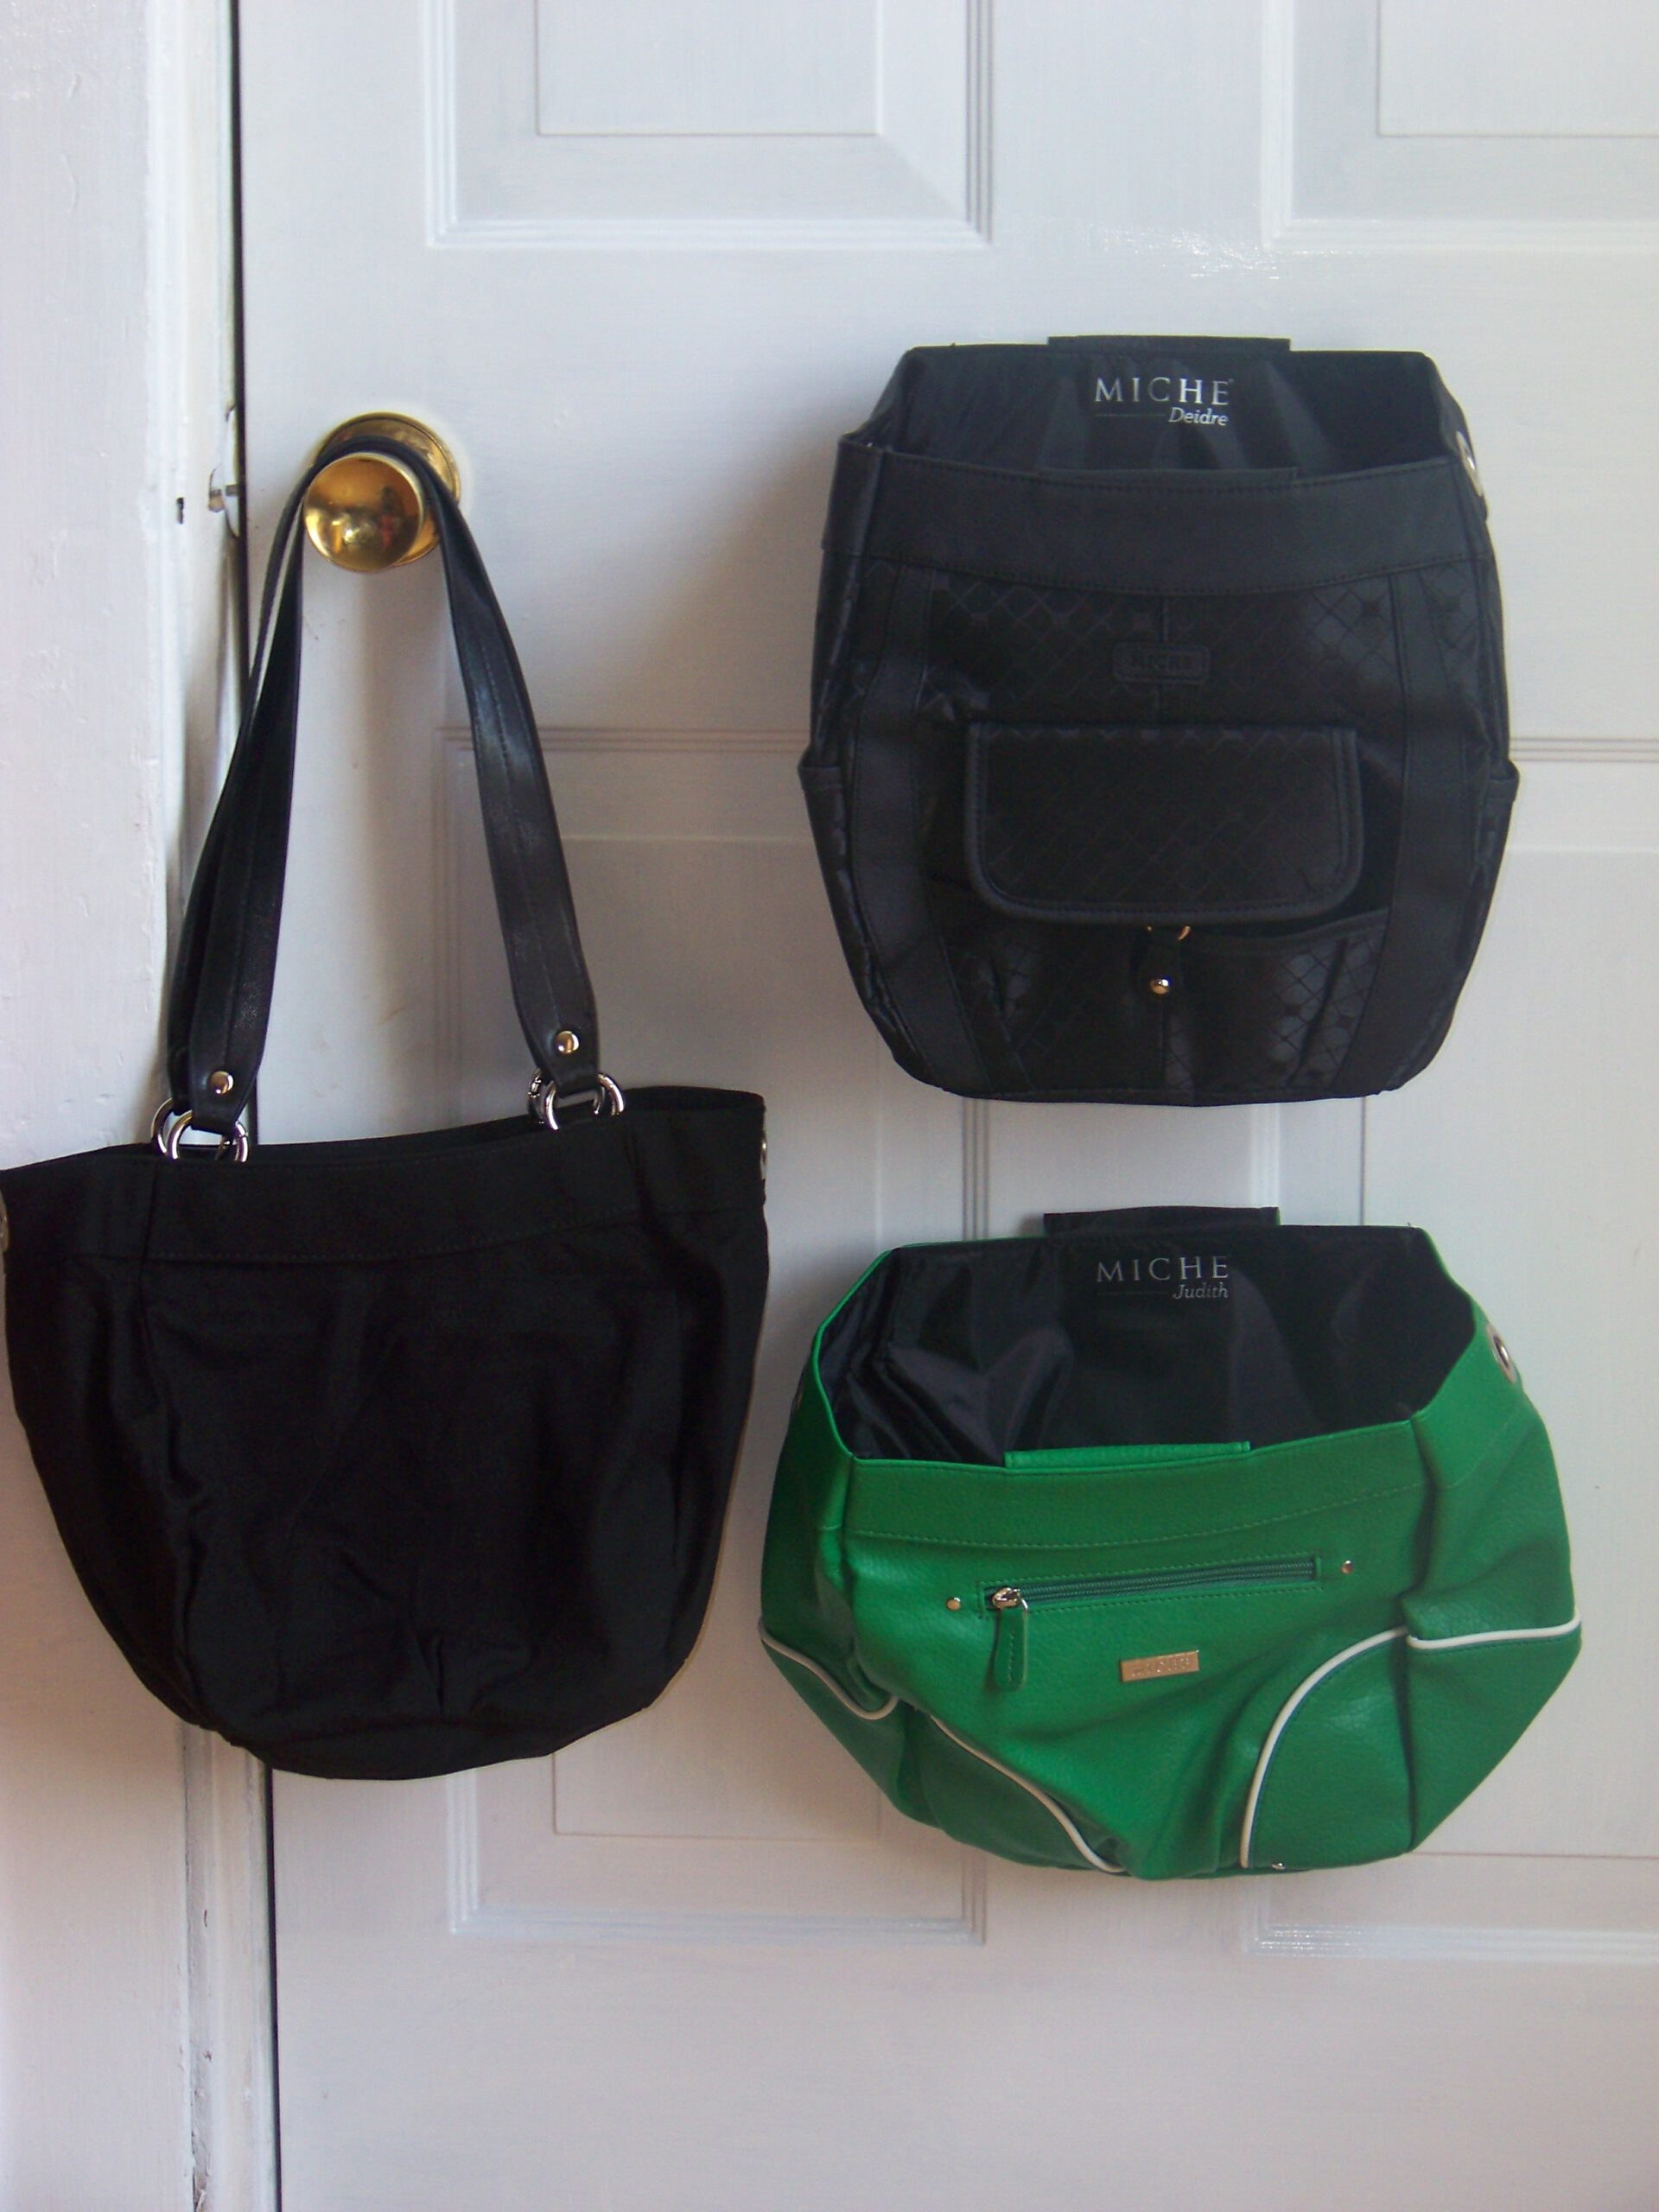 Review – Miche Demi Handbag $130 Value!